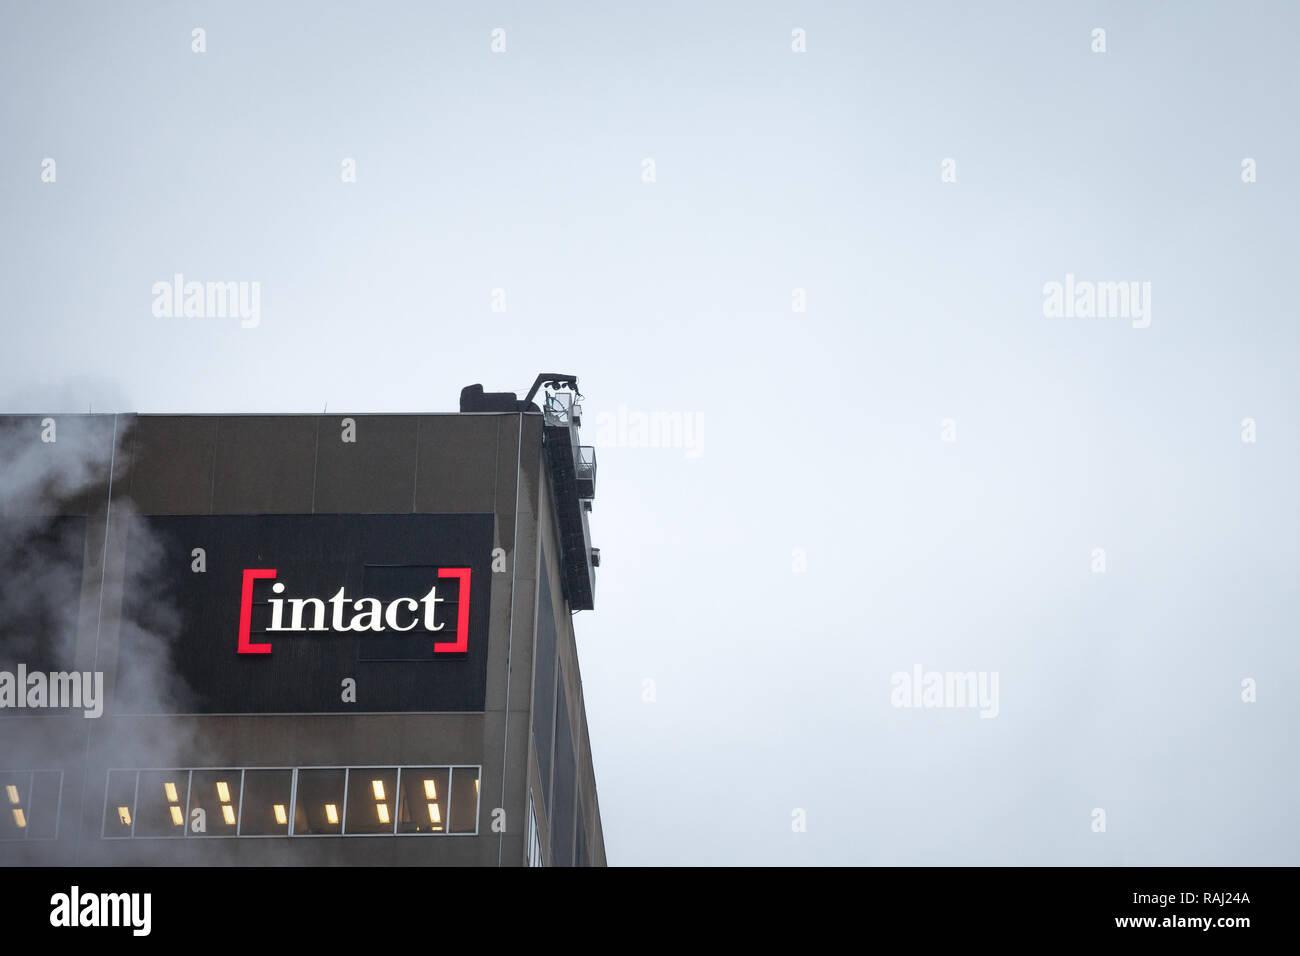 Montréal, Canada - le 5 novembre 2018: Intact financial logo sur un de leurs heaquarters à Montréal, Québec. Intact Assurance est l'un des principaux Canadi Photo Stock